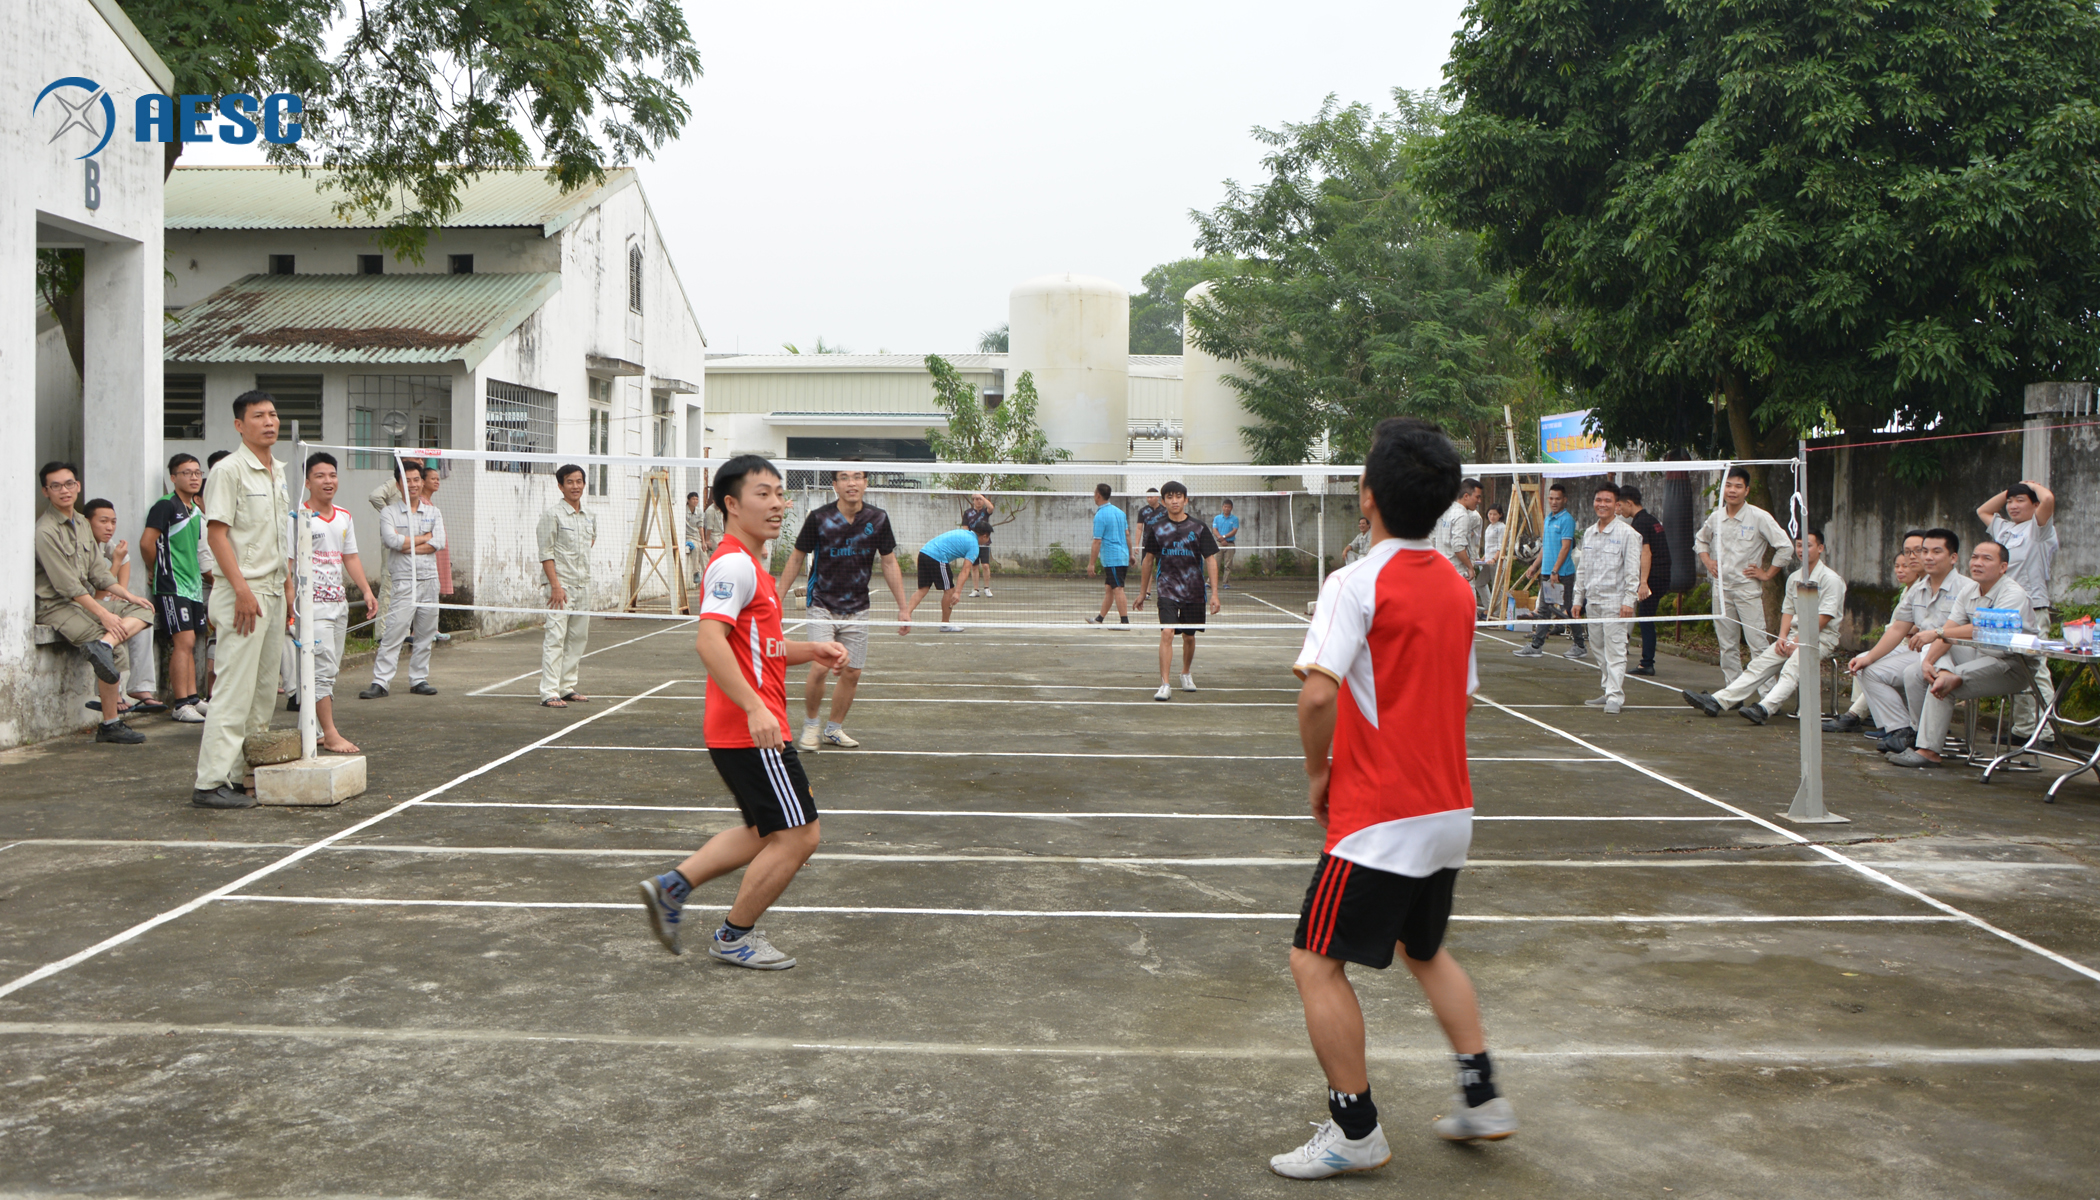 Môn đá cầu đôi nam diễn ra từ ngày 11/12 với 9 đội tham gia